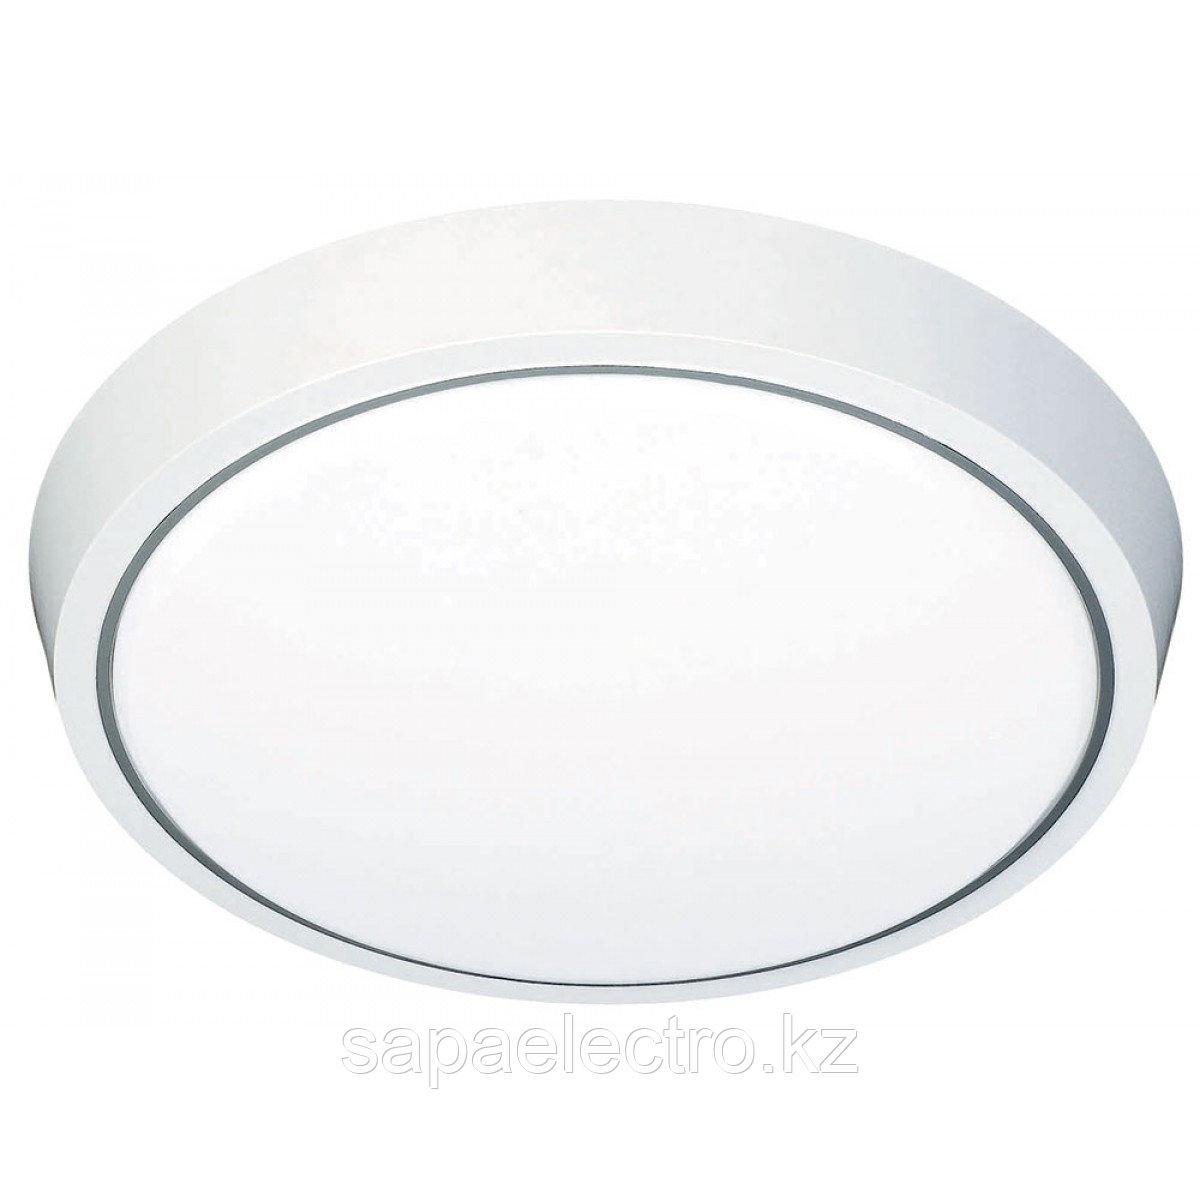 Свет-к UFO LED 20W 5500K   (TEKSAN) 20шт